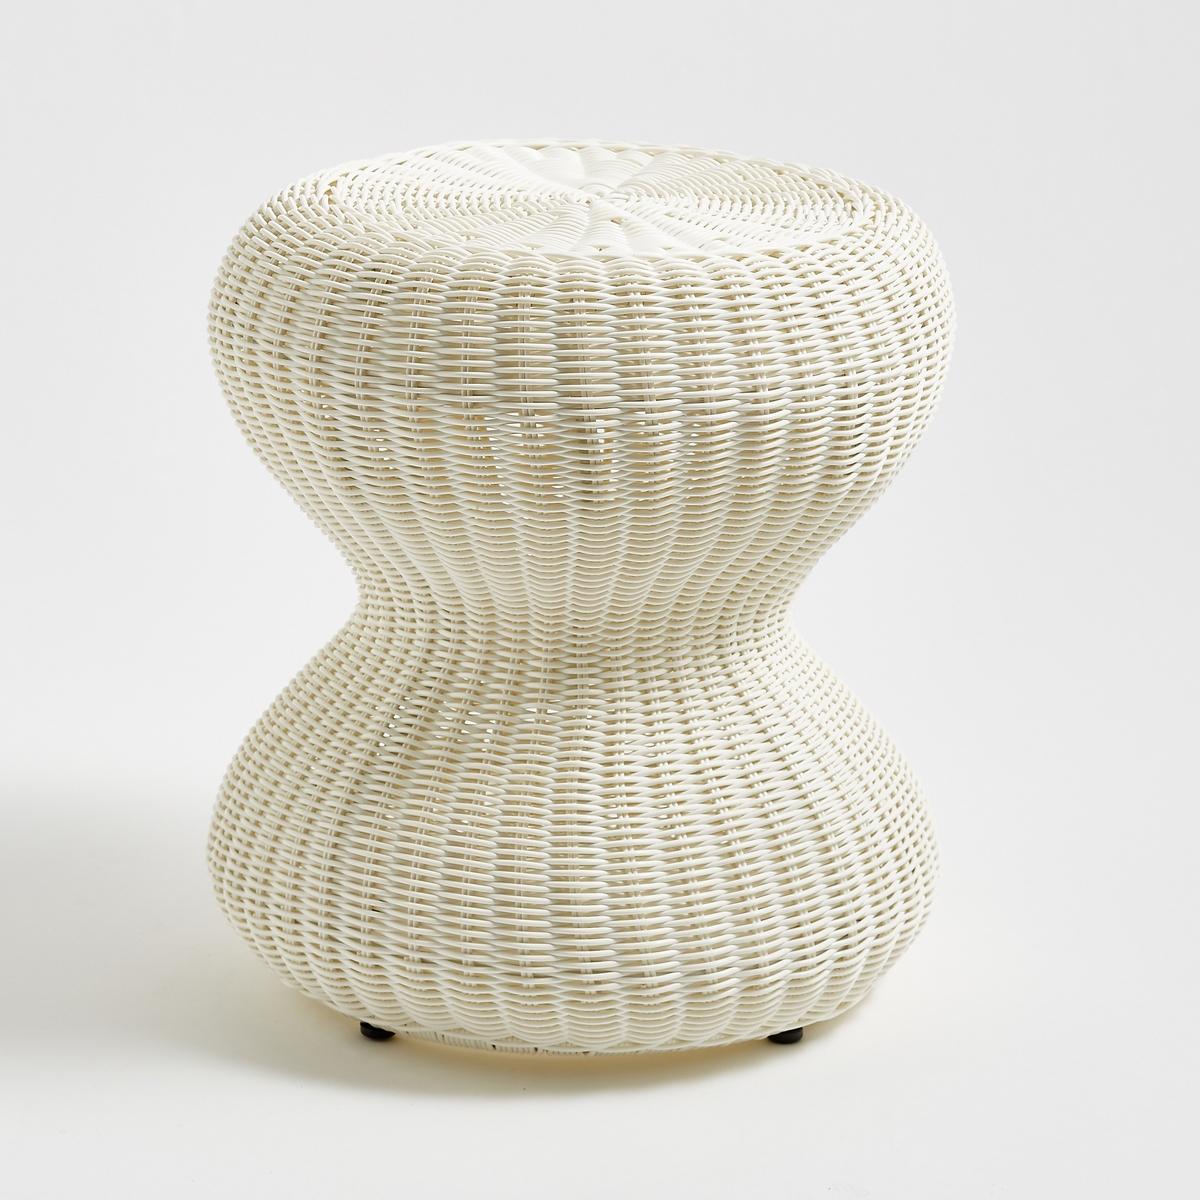 Табурет плетеный из пластмассы VilmineПлетеный табурет из пластмассы Vilmine. Модный и винтажный табурет в Vilmine подойдет для дома или сада. Он может использоваться как небольшой вспомогательный столик.Характеристики табурета на роликах Vilmine :Каркас из стали 19 x 0,8 ммПокрытие из круглой плетеной пластмассы диаметром 3 ммМожно использовать на улице.Всю коллекцию мебели Vilmine и садовой мебели вы можете найти на сайте laredoute.ruРазмеры табурета Vilmine :Общие размерыДиаметр : 40 смВысота : 44 смРазмеры и вес упаковки :1 упаковка42 x 42 x 46 см 4,6 кг:. . ! .<br><br>Цвет: белый,черный